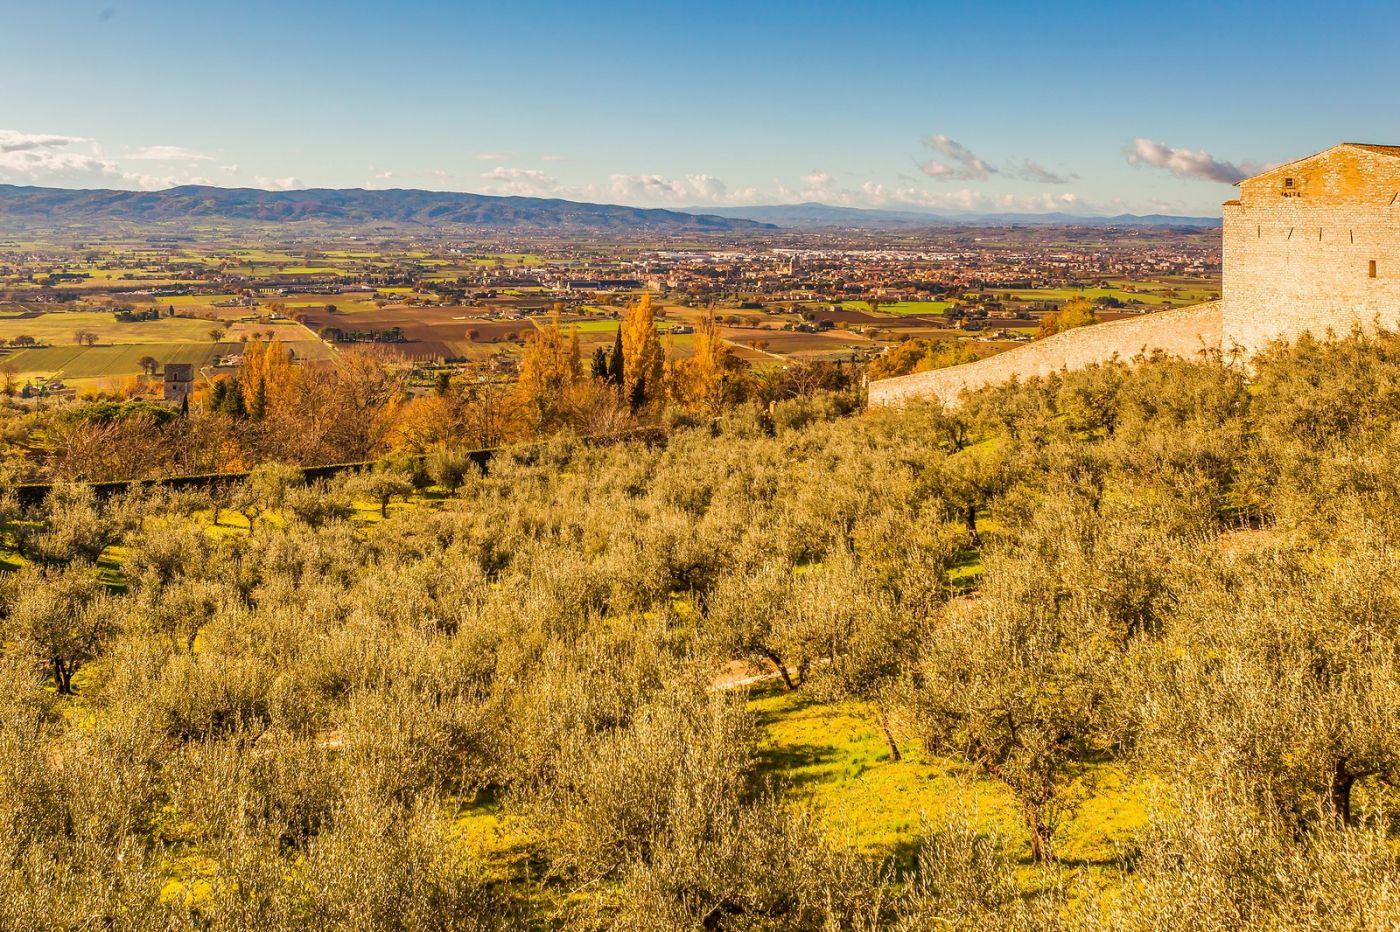 意大利阿西西(Assisi), 登高放眼_图1-2